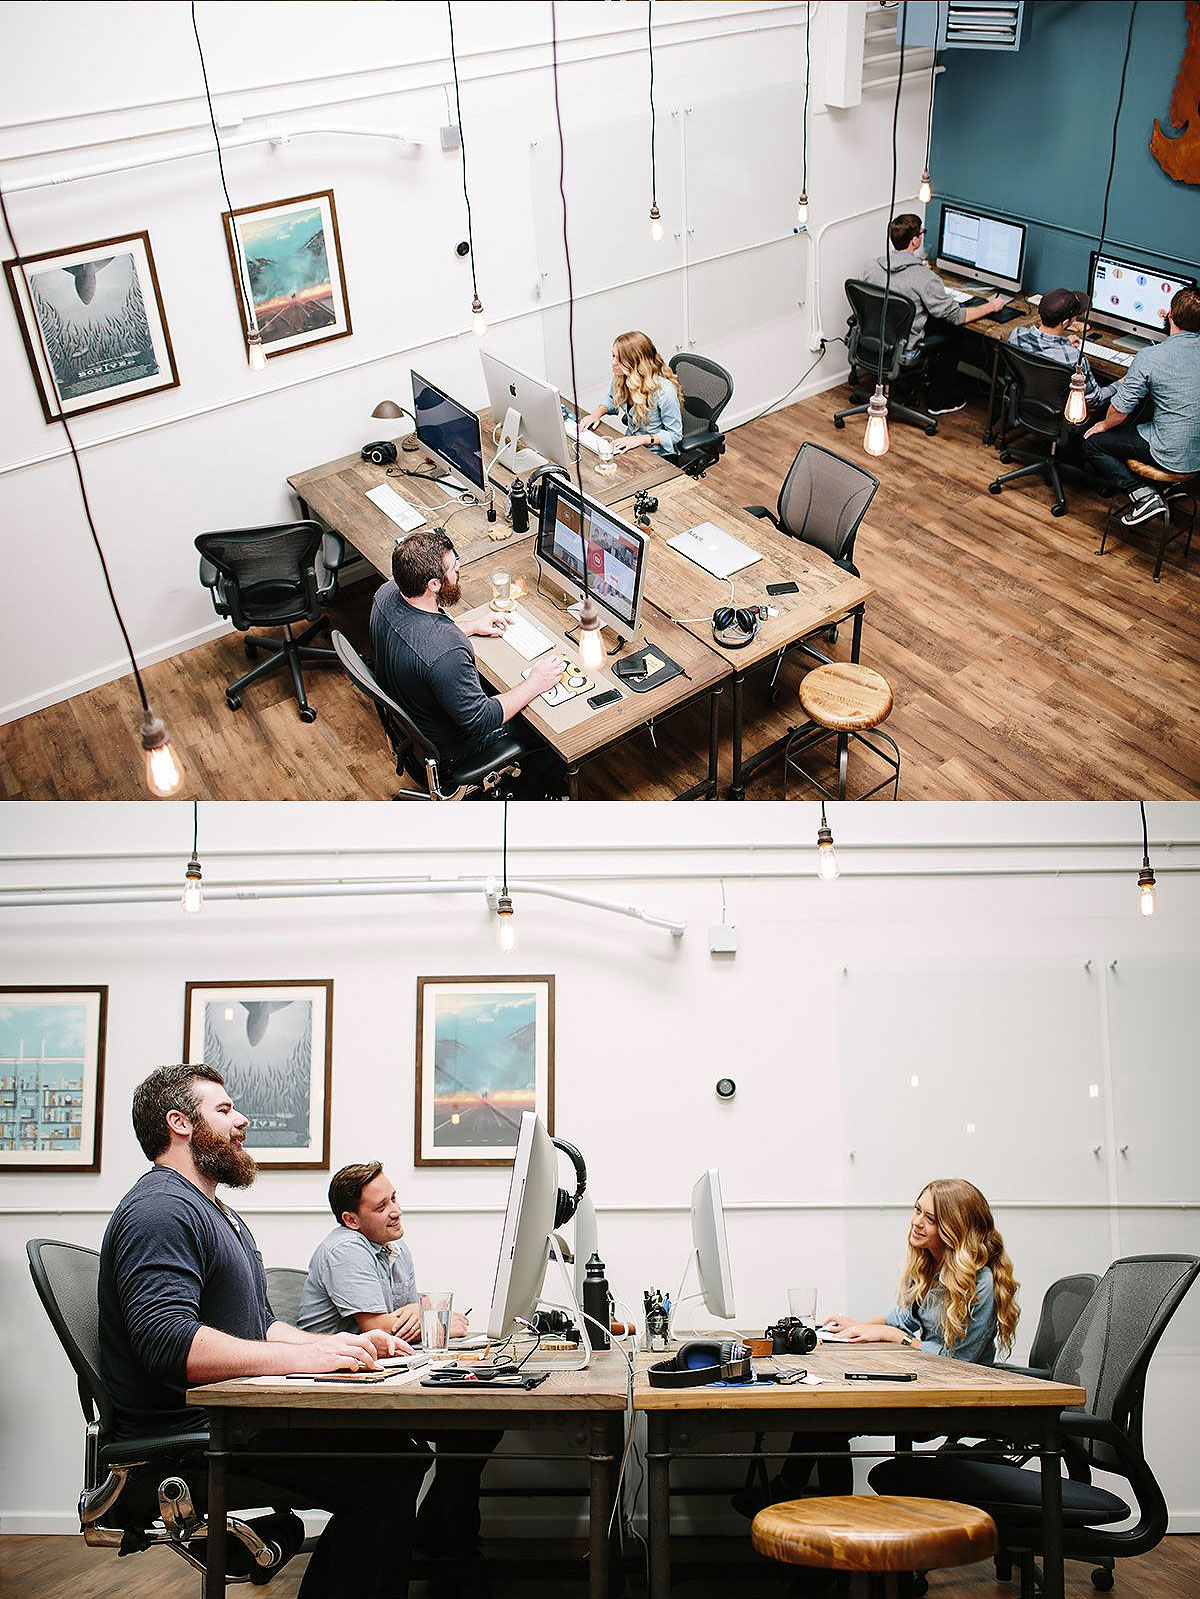 12 เทคนิคตกแต่งออฟฟิศเล็กให้ดูใหญ่ ถูกใจ SME และ home office 18 - Co-Working Space